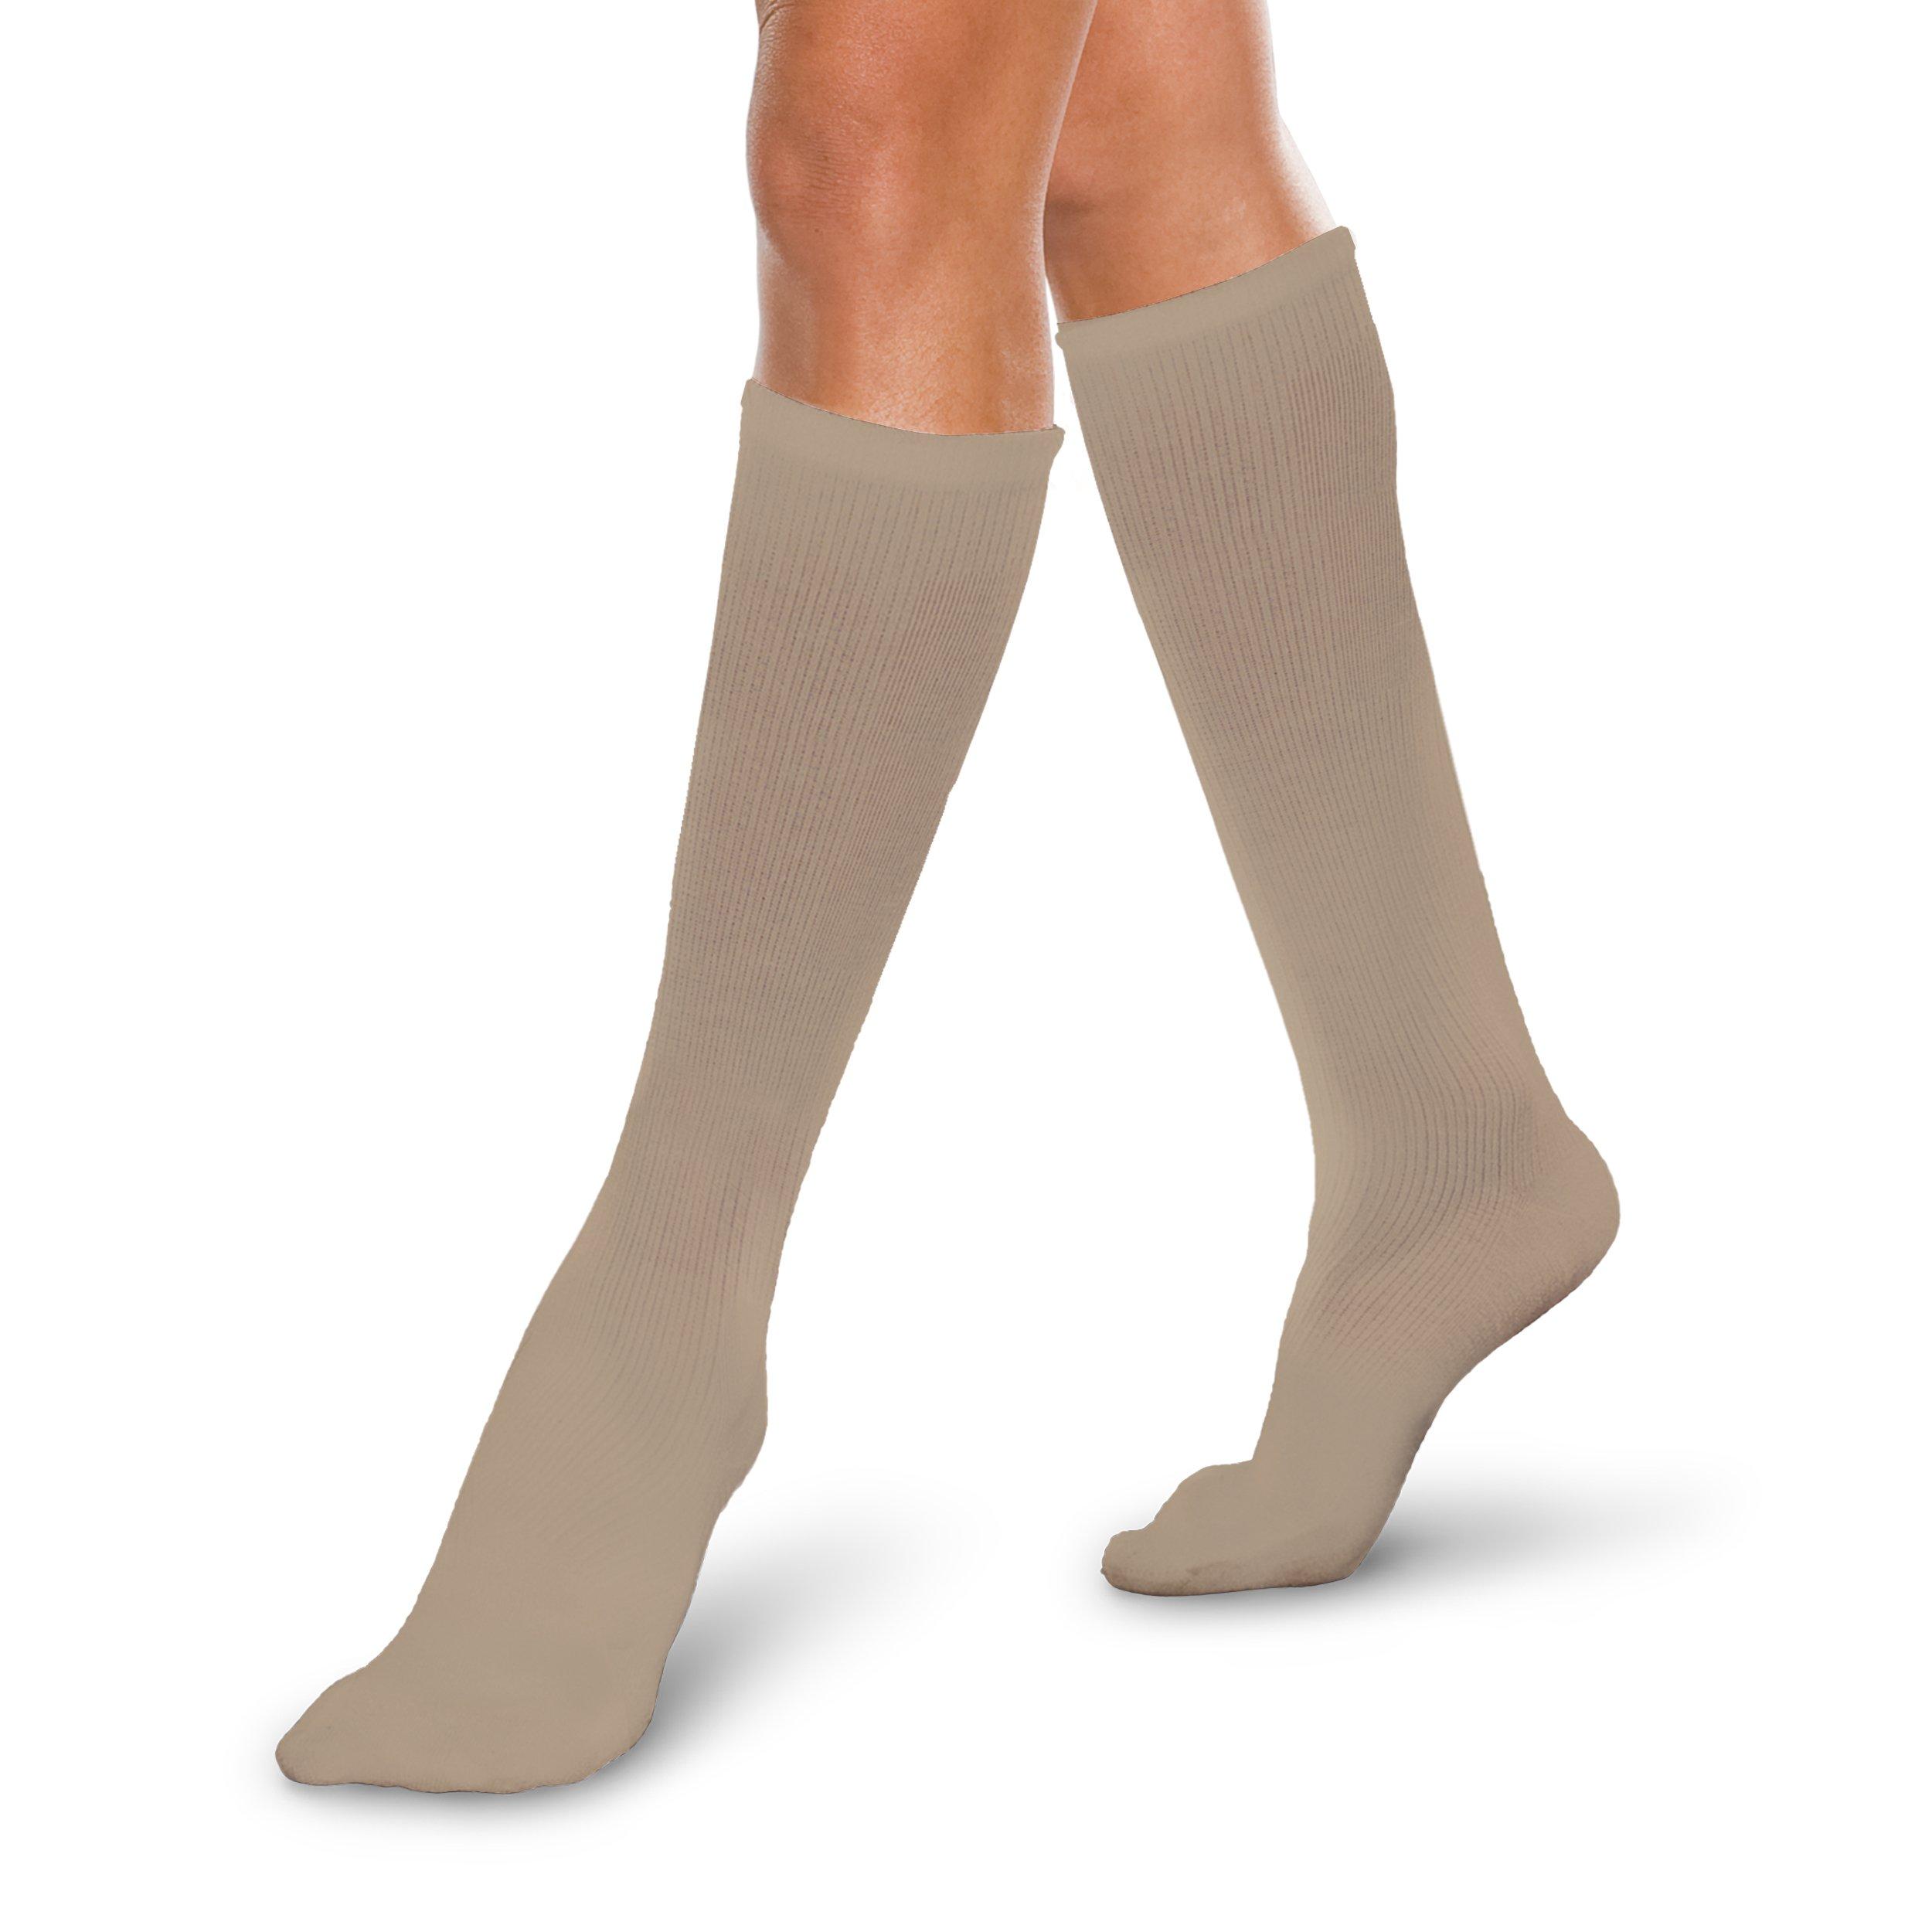 e19e5c2f2d Therafirm Men's / Women's Core-Spun Light Graduated Compression Socks 10-15  mmhg (